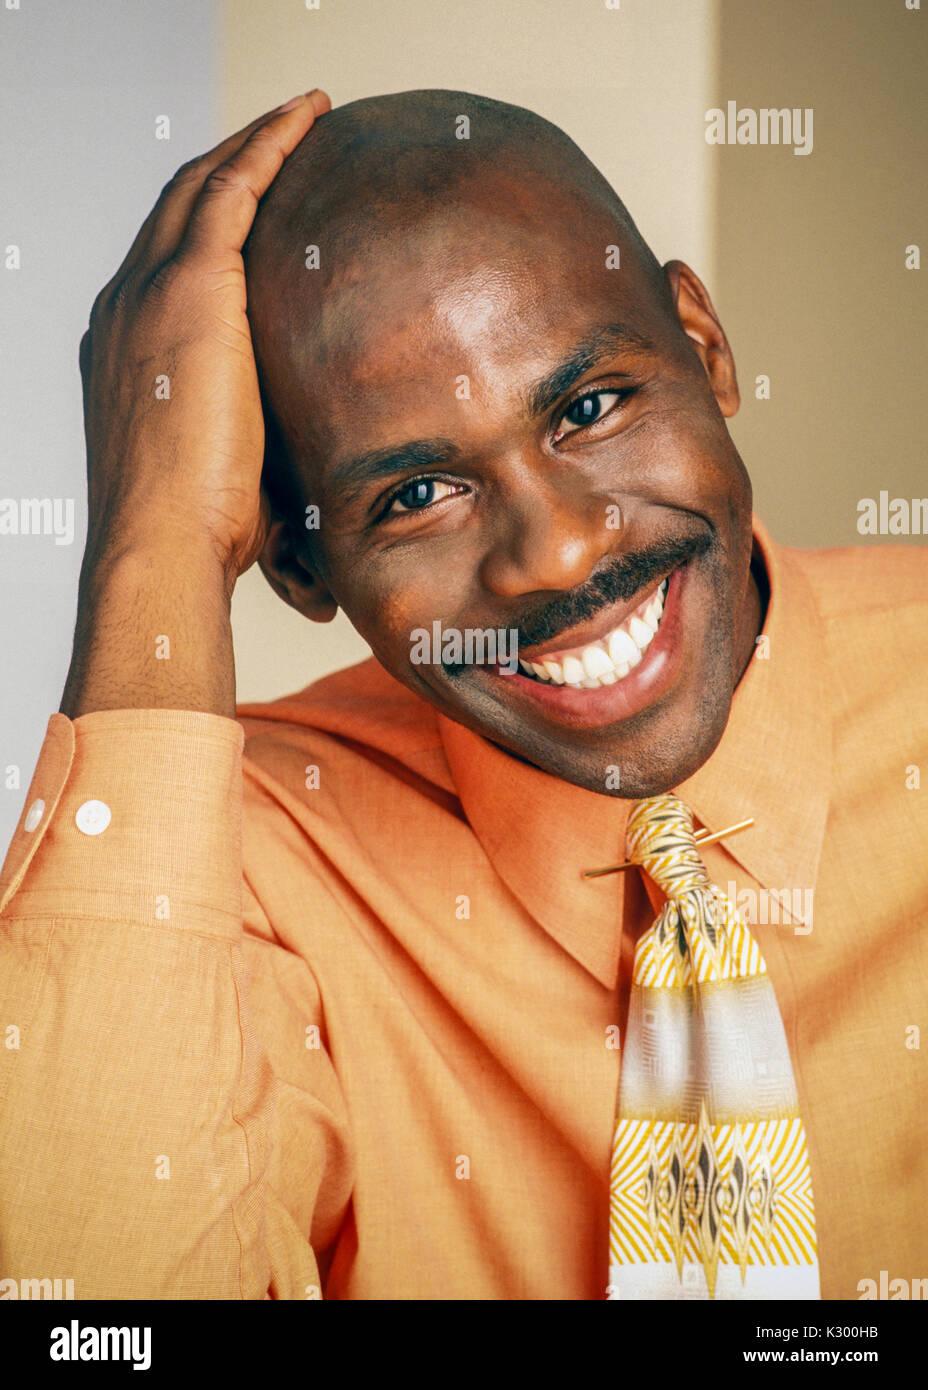 Porträt der frühen 30er afrikanische amerikanische Mann lächelnd. Stockbild